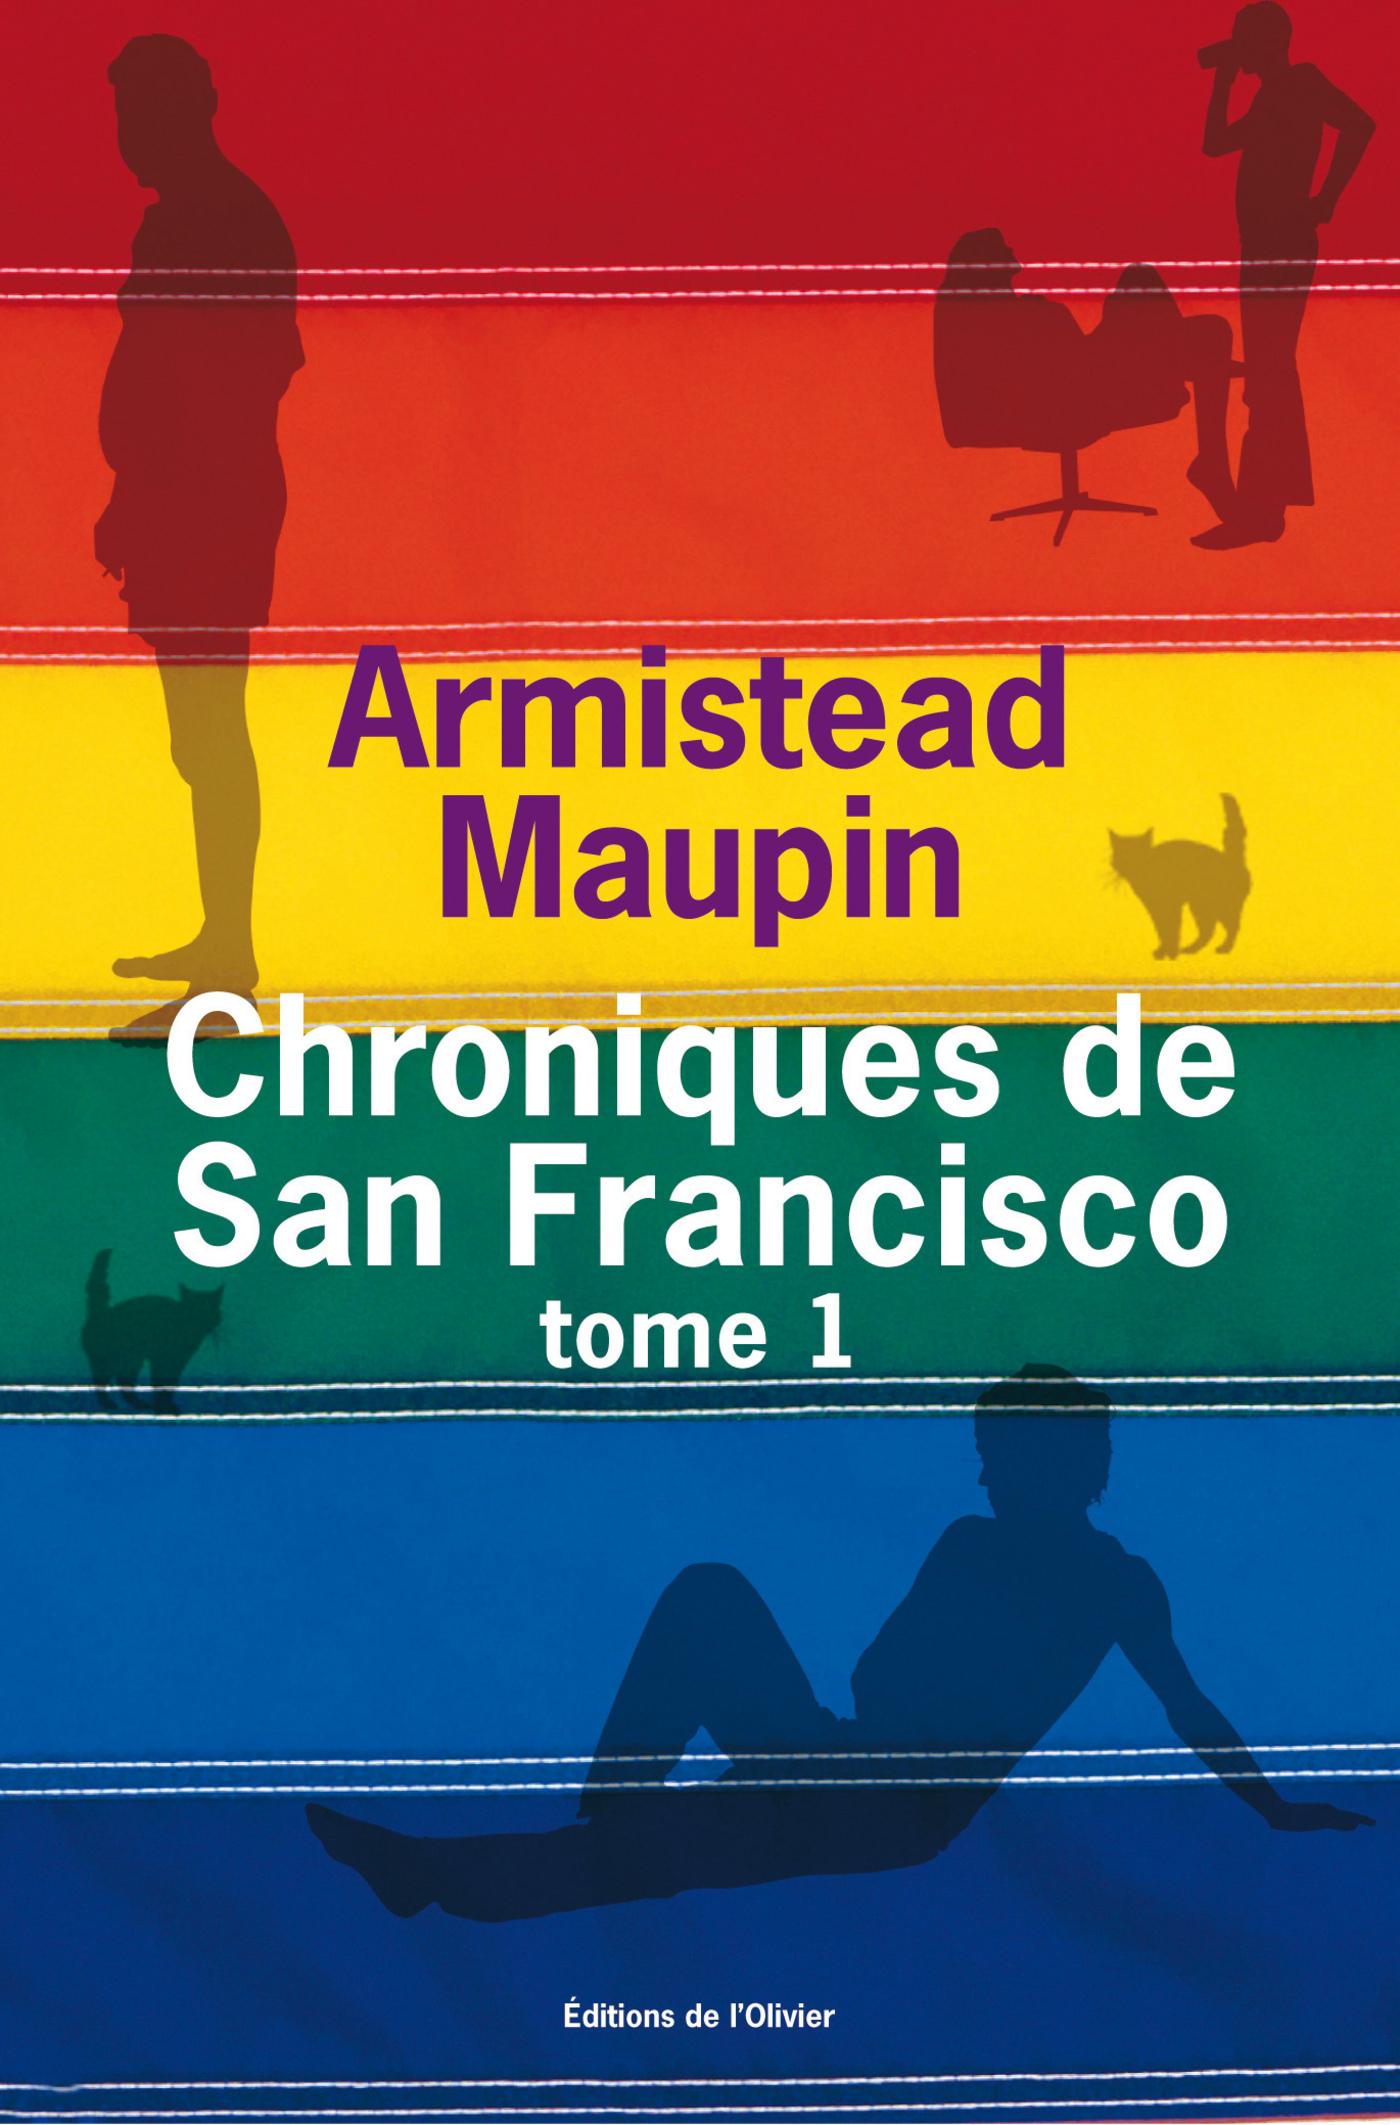 Chroniques de San Francisco - tome 1 | Maupin, Armistead